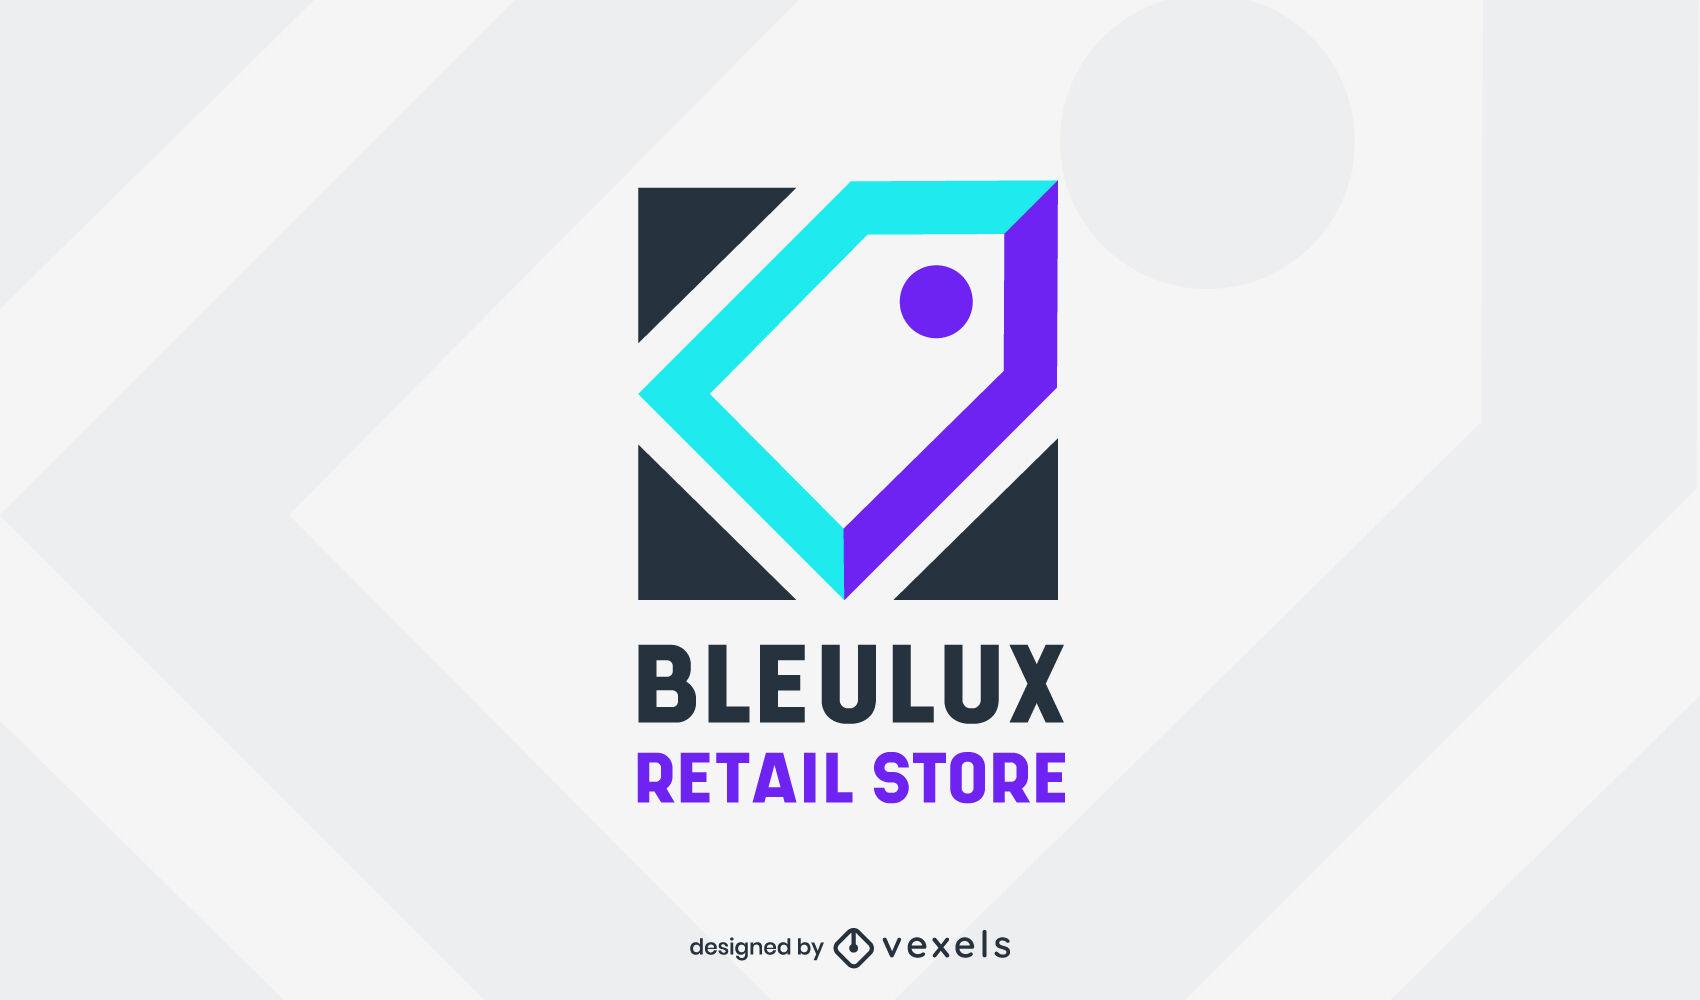 Plantilla de logotipo de tienda minorista de etiqueta de precio